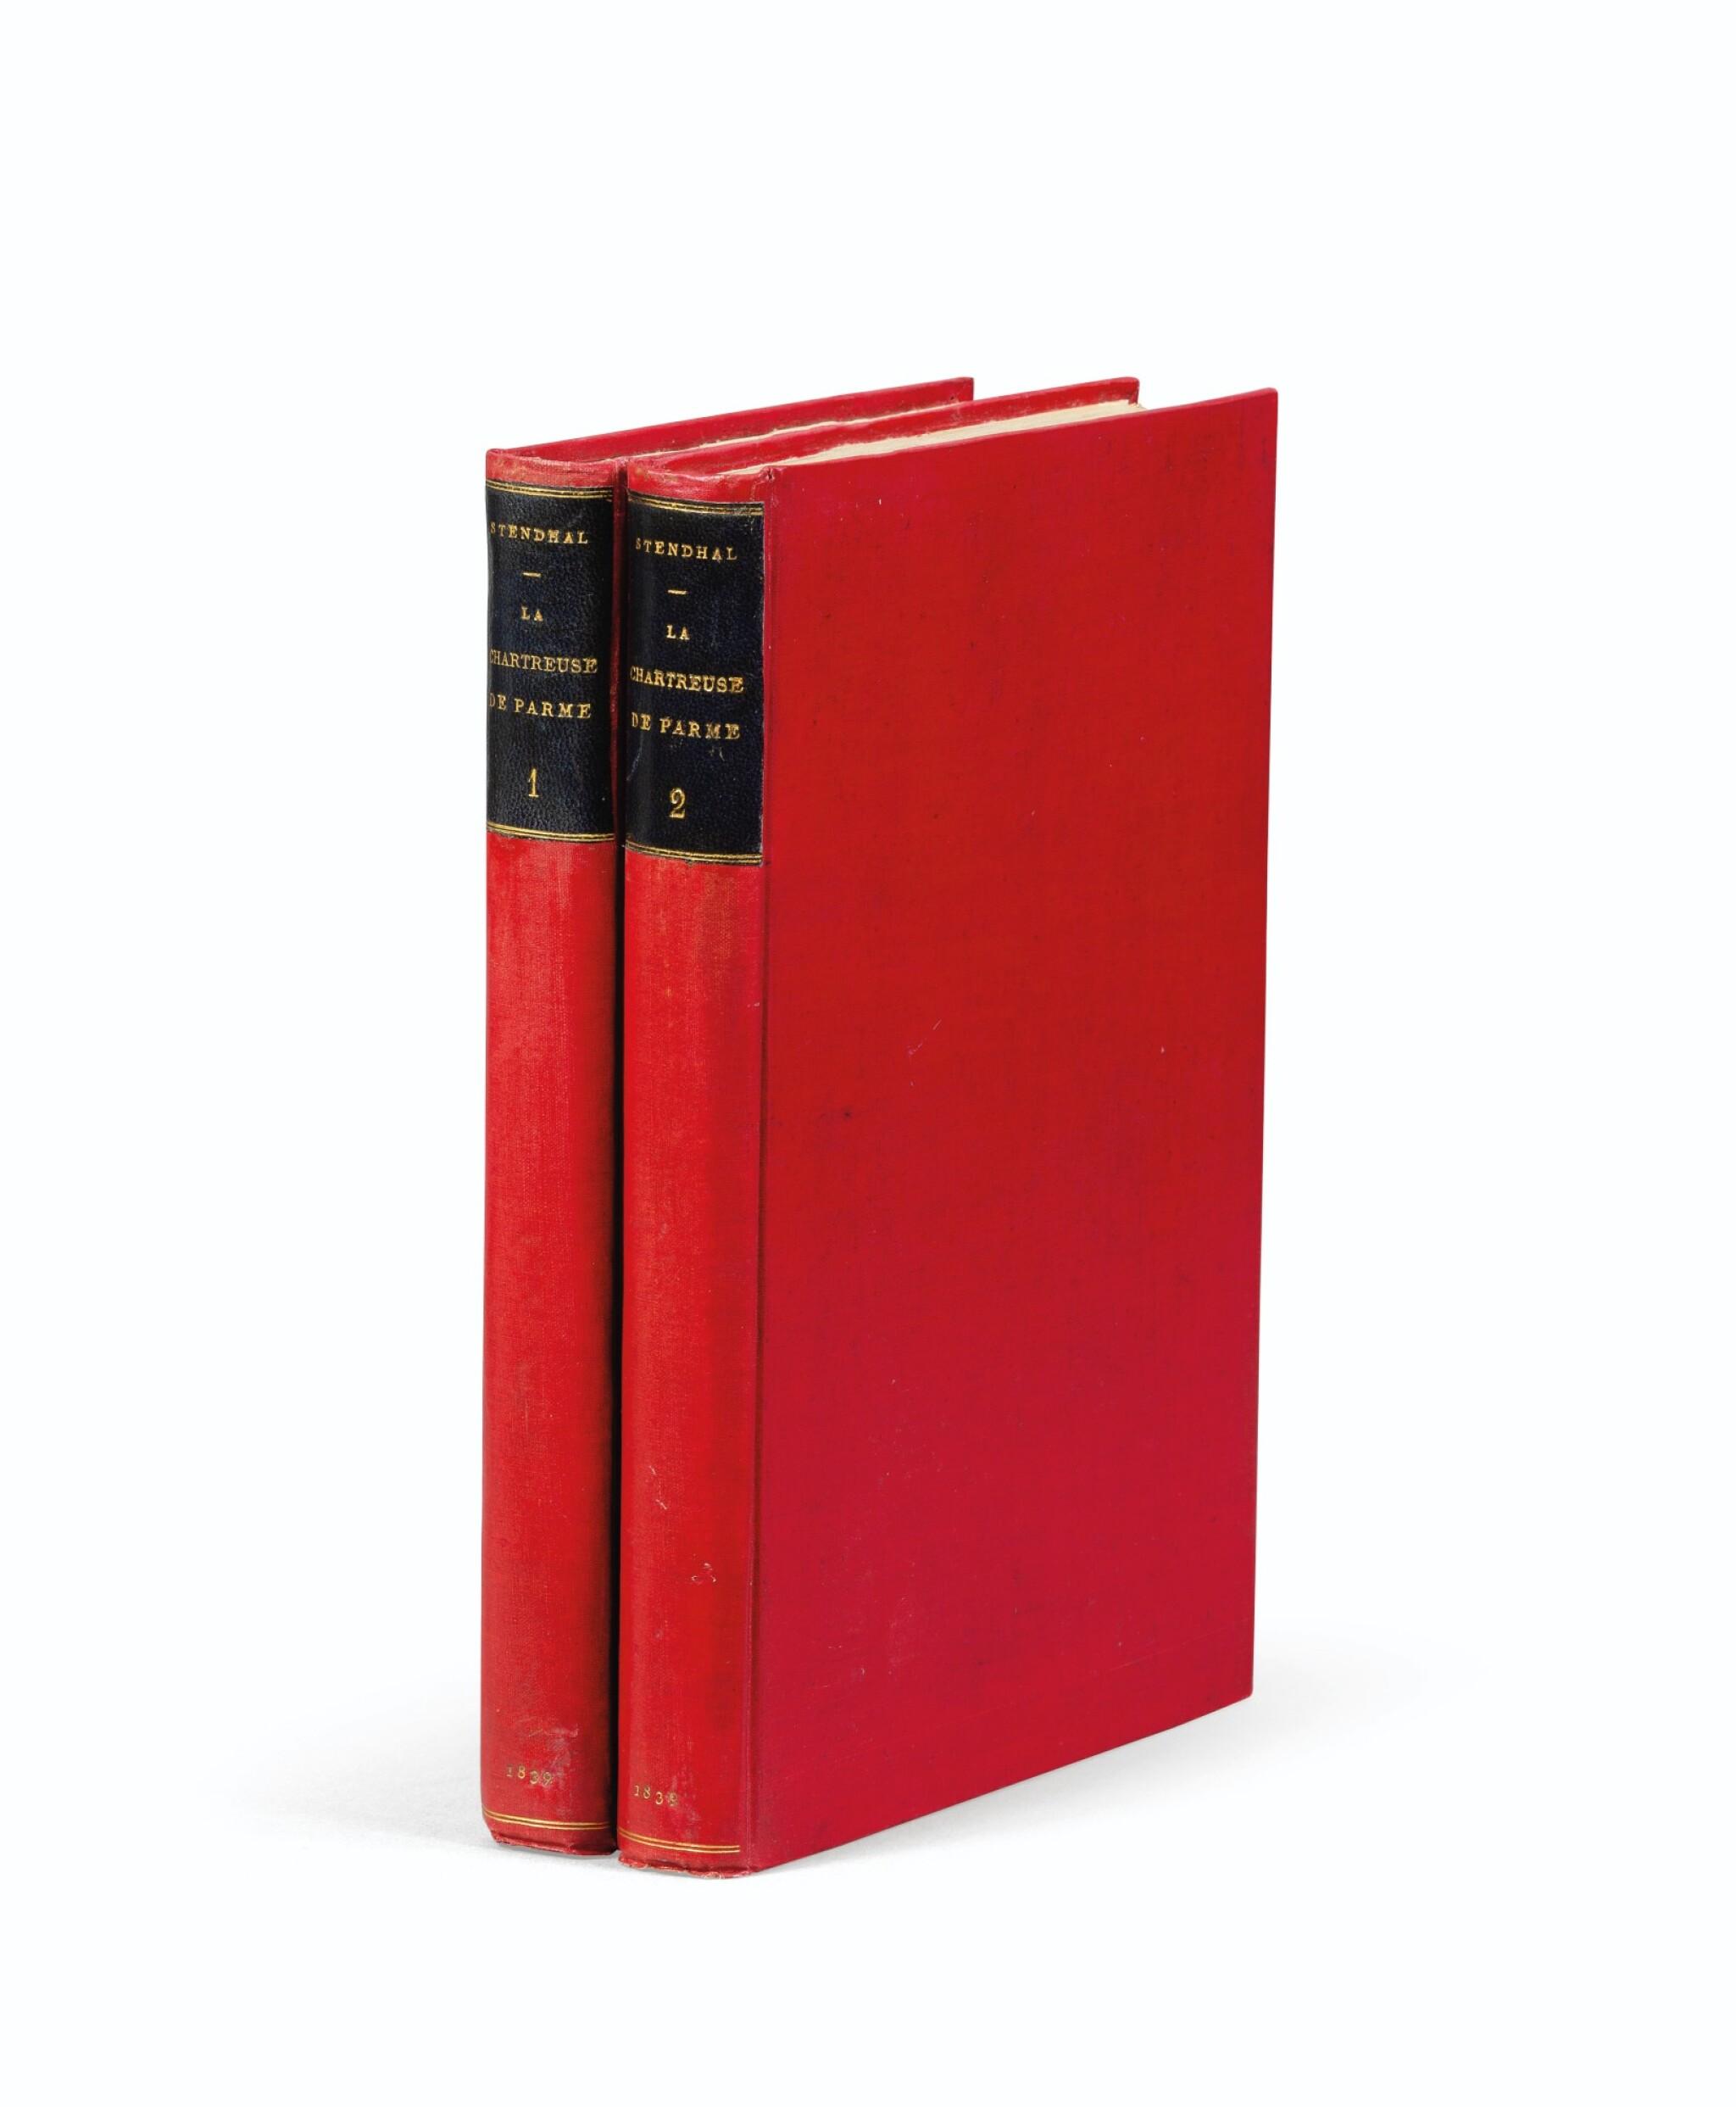 View full screen - View 1 of Lot 177. La Chartreuse de Parme. 1839. 2 vol., percaline rouge. E.O. Ex des Goncourt. Lettre jointe de Stendhal.